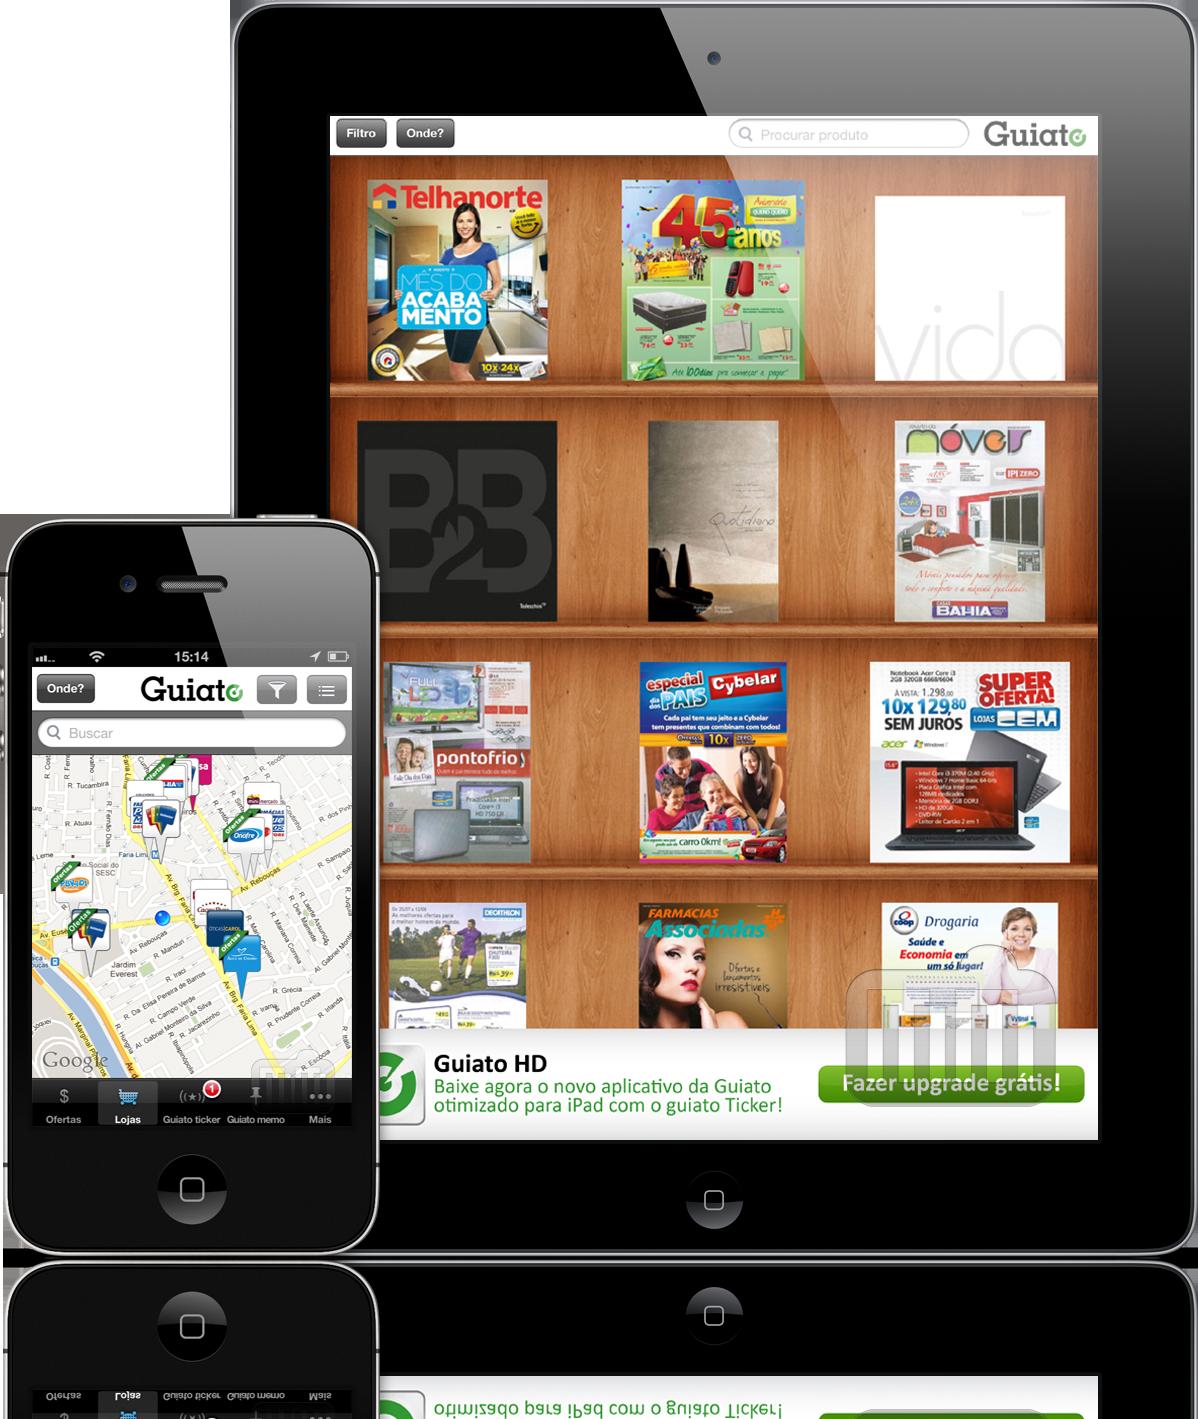 Guiato - iPad e iPhone